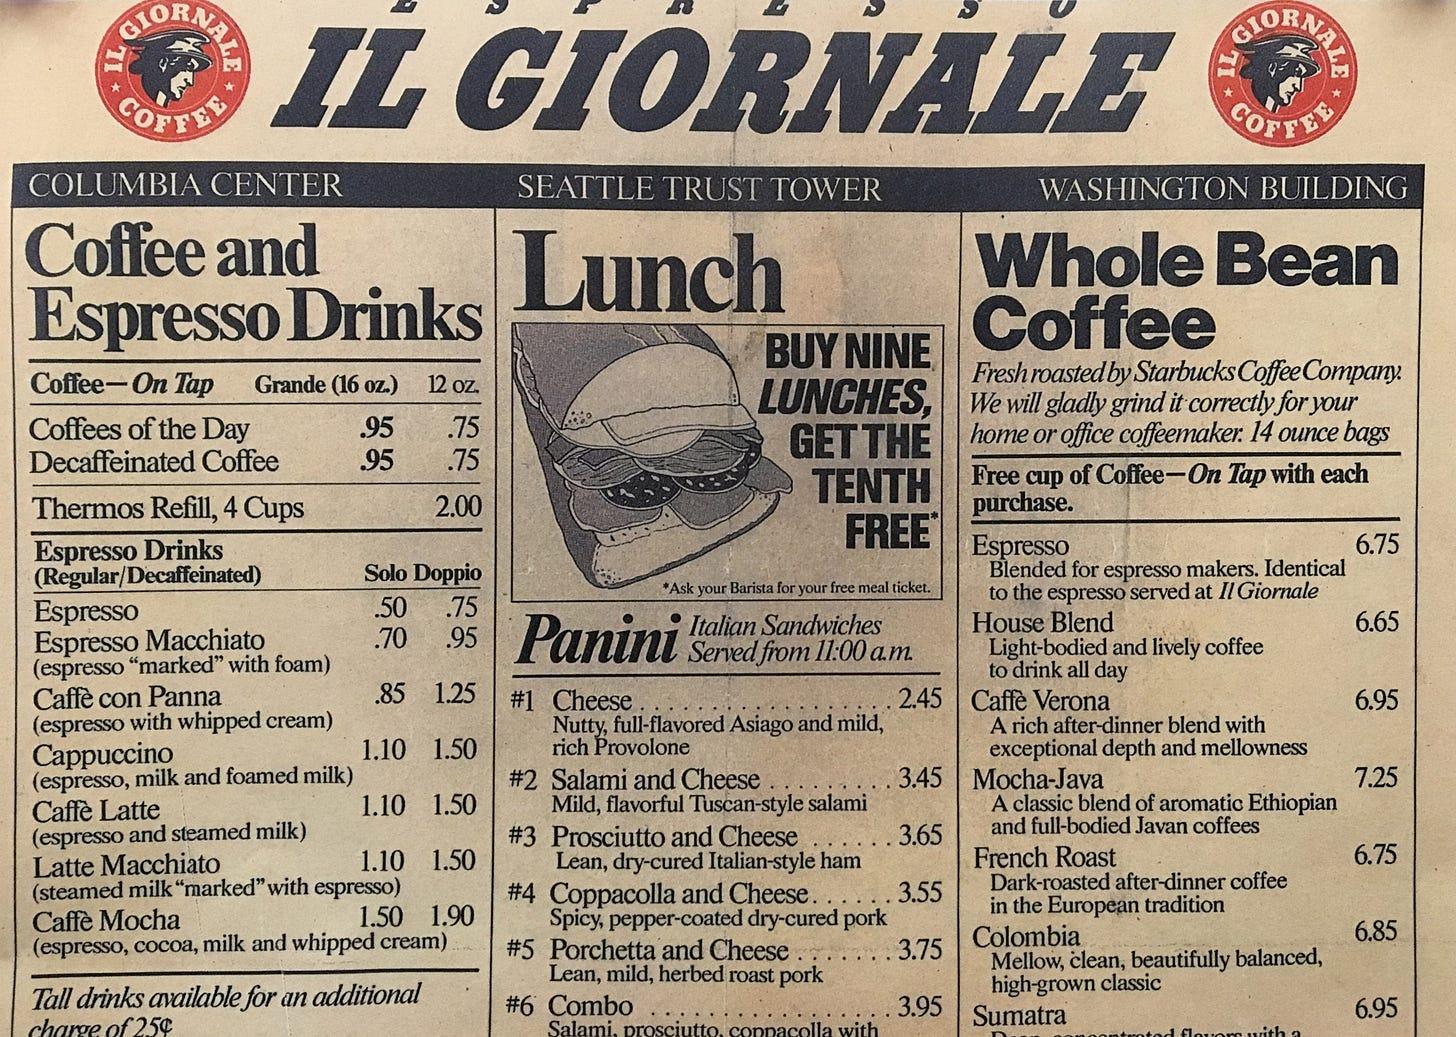 Il Giornale menu